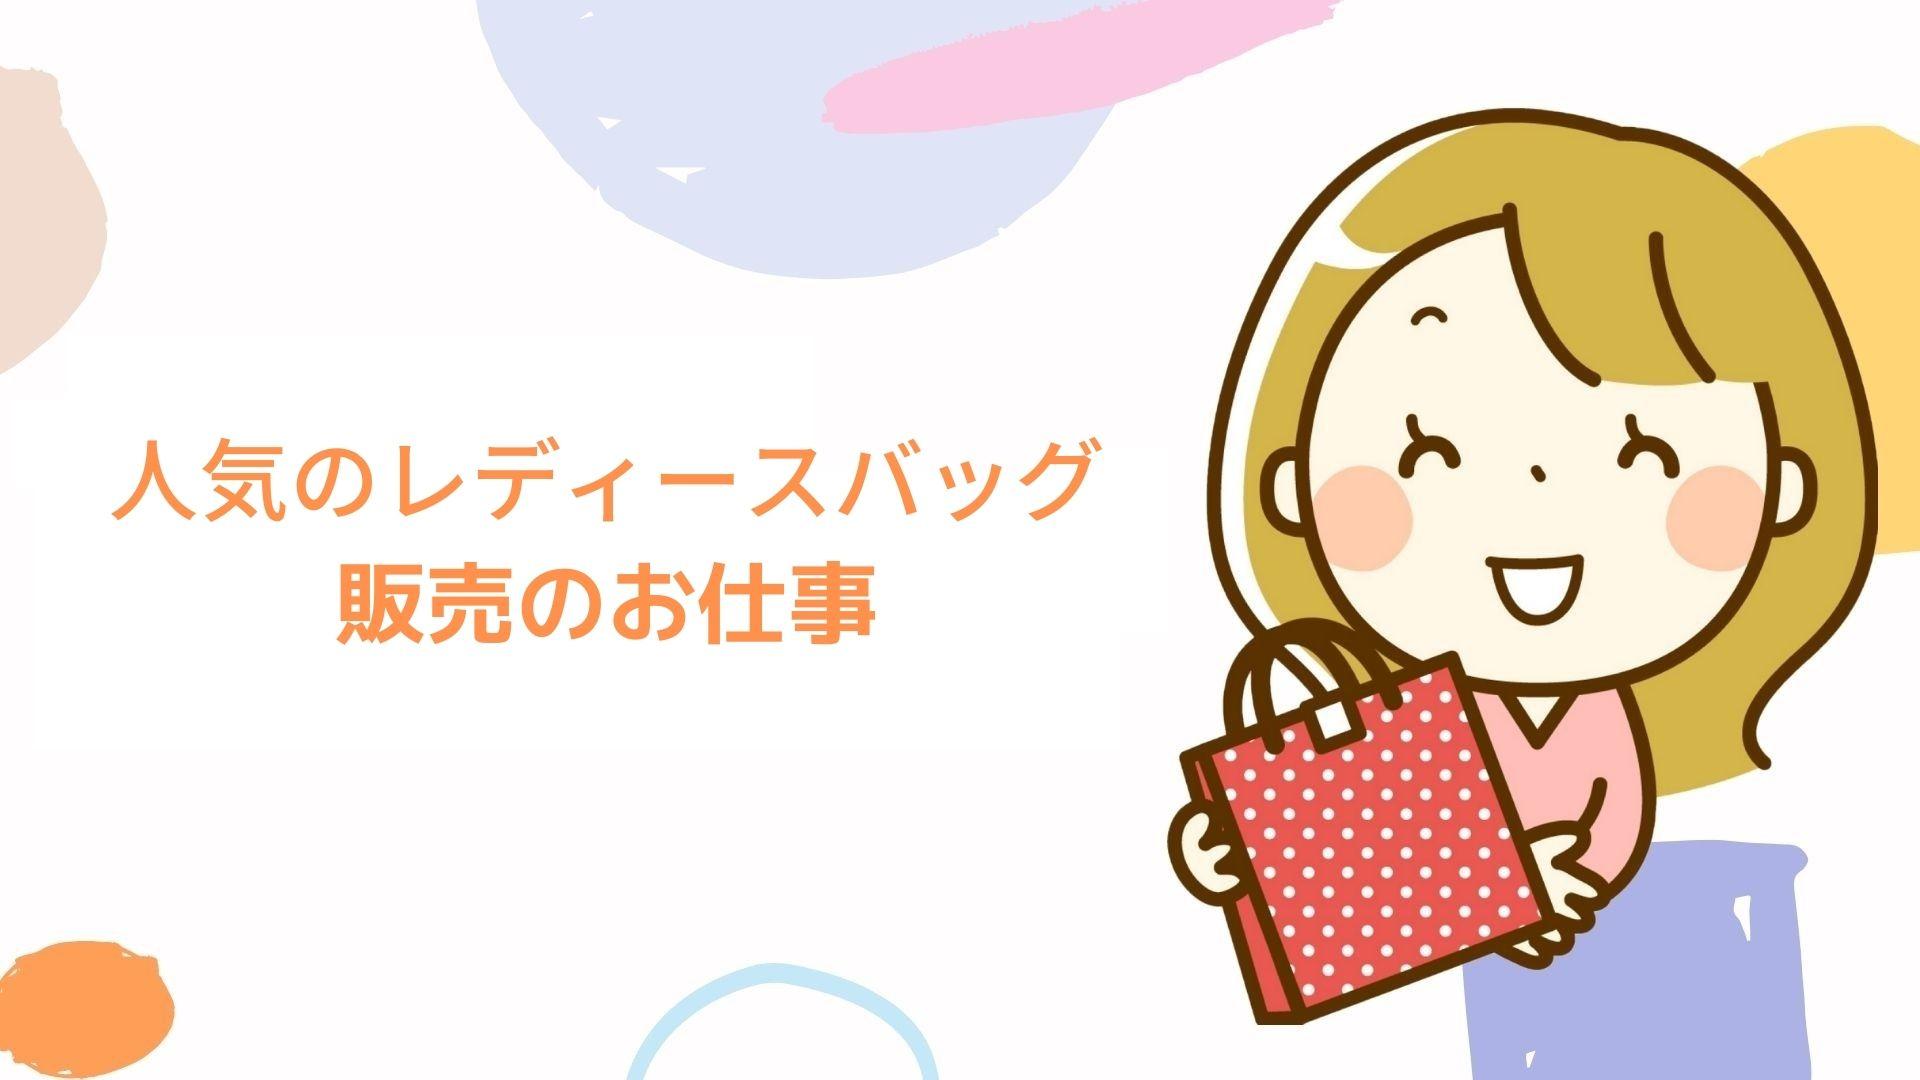 【船橋東武】人気のナイロンレディースカジュアルバッグの販売スタッフ_202110131819_202110131827